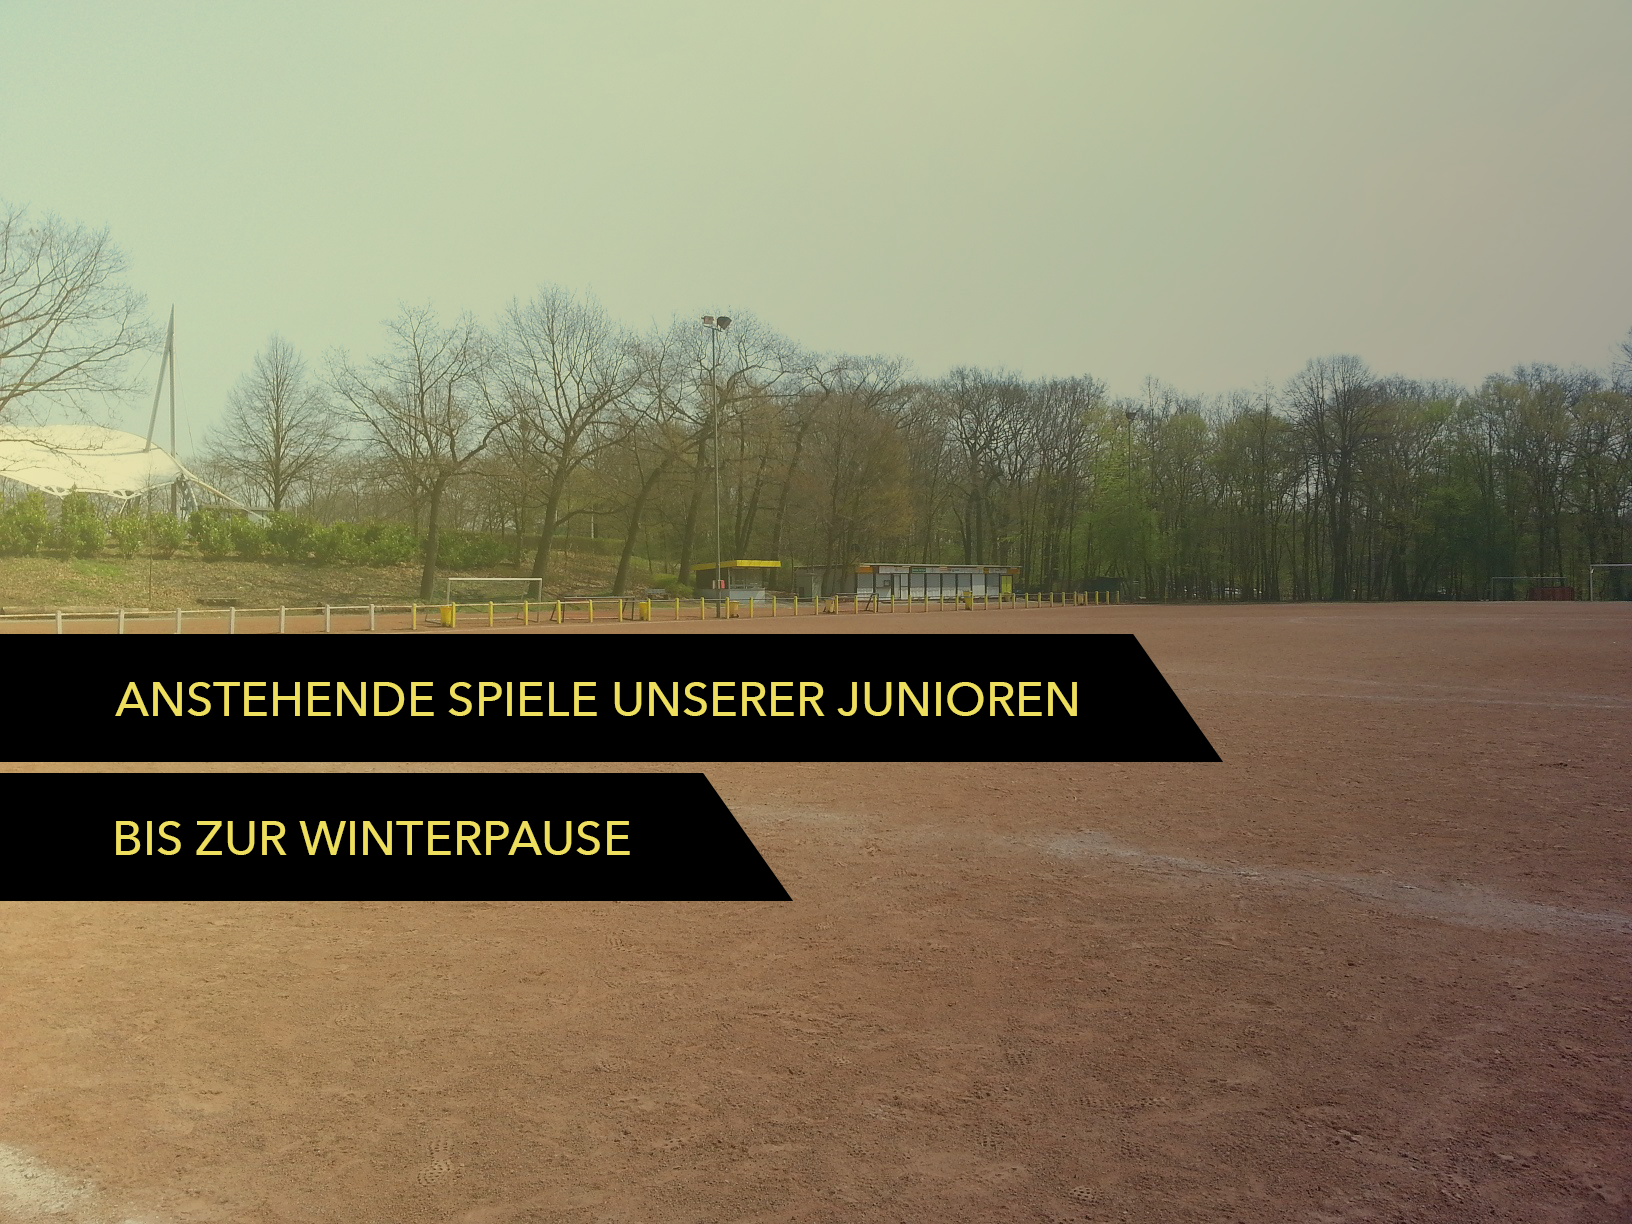 Anstehende Spiele unserer Junioren bis zur Winterpause 2019/2020 - Wacker Gladbeck